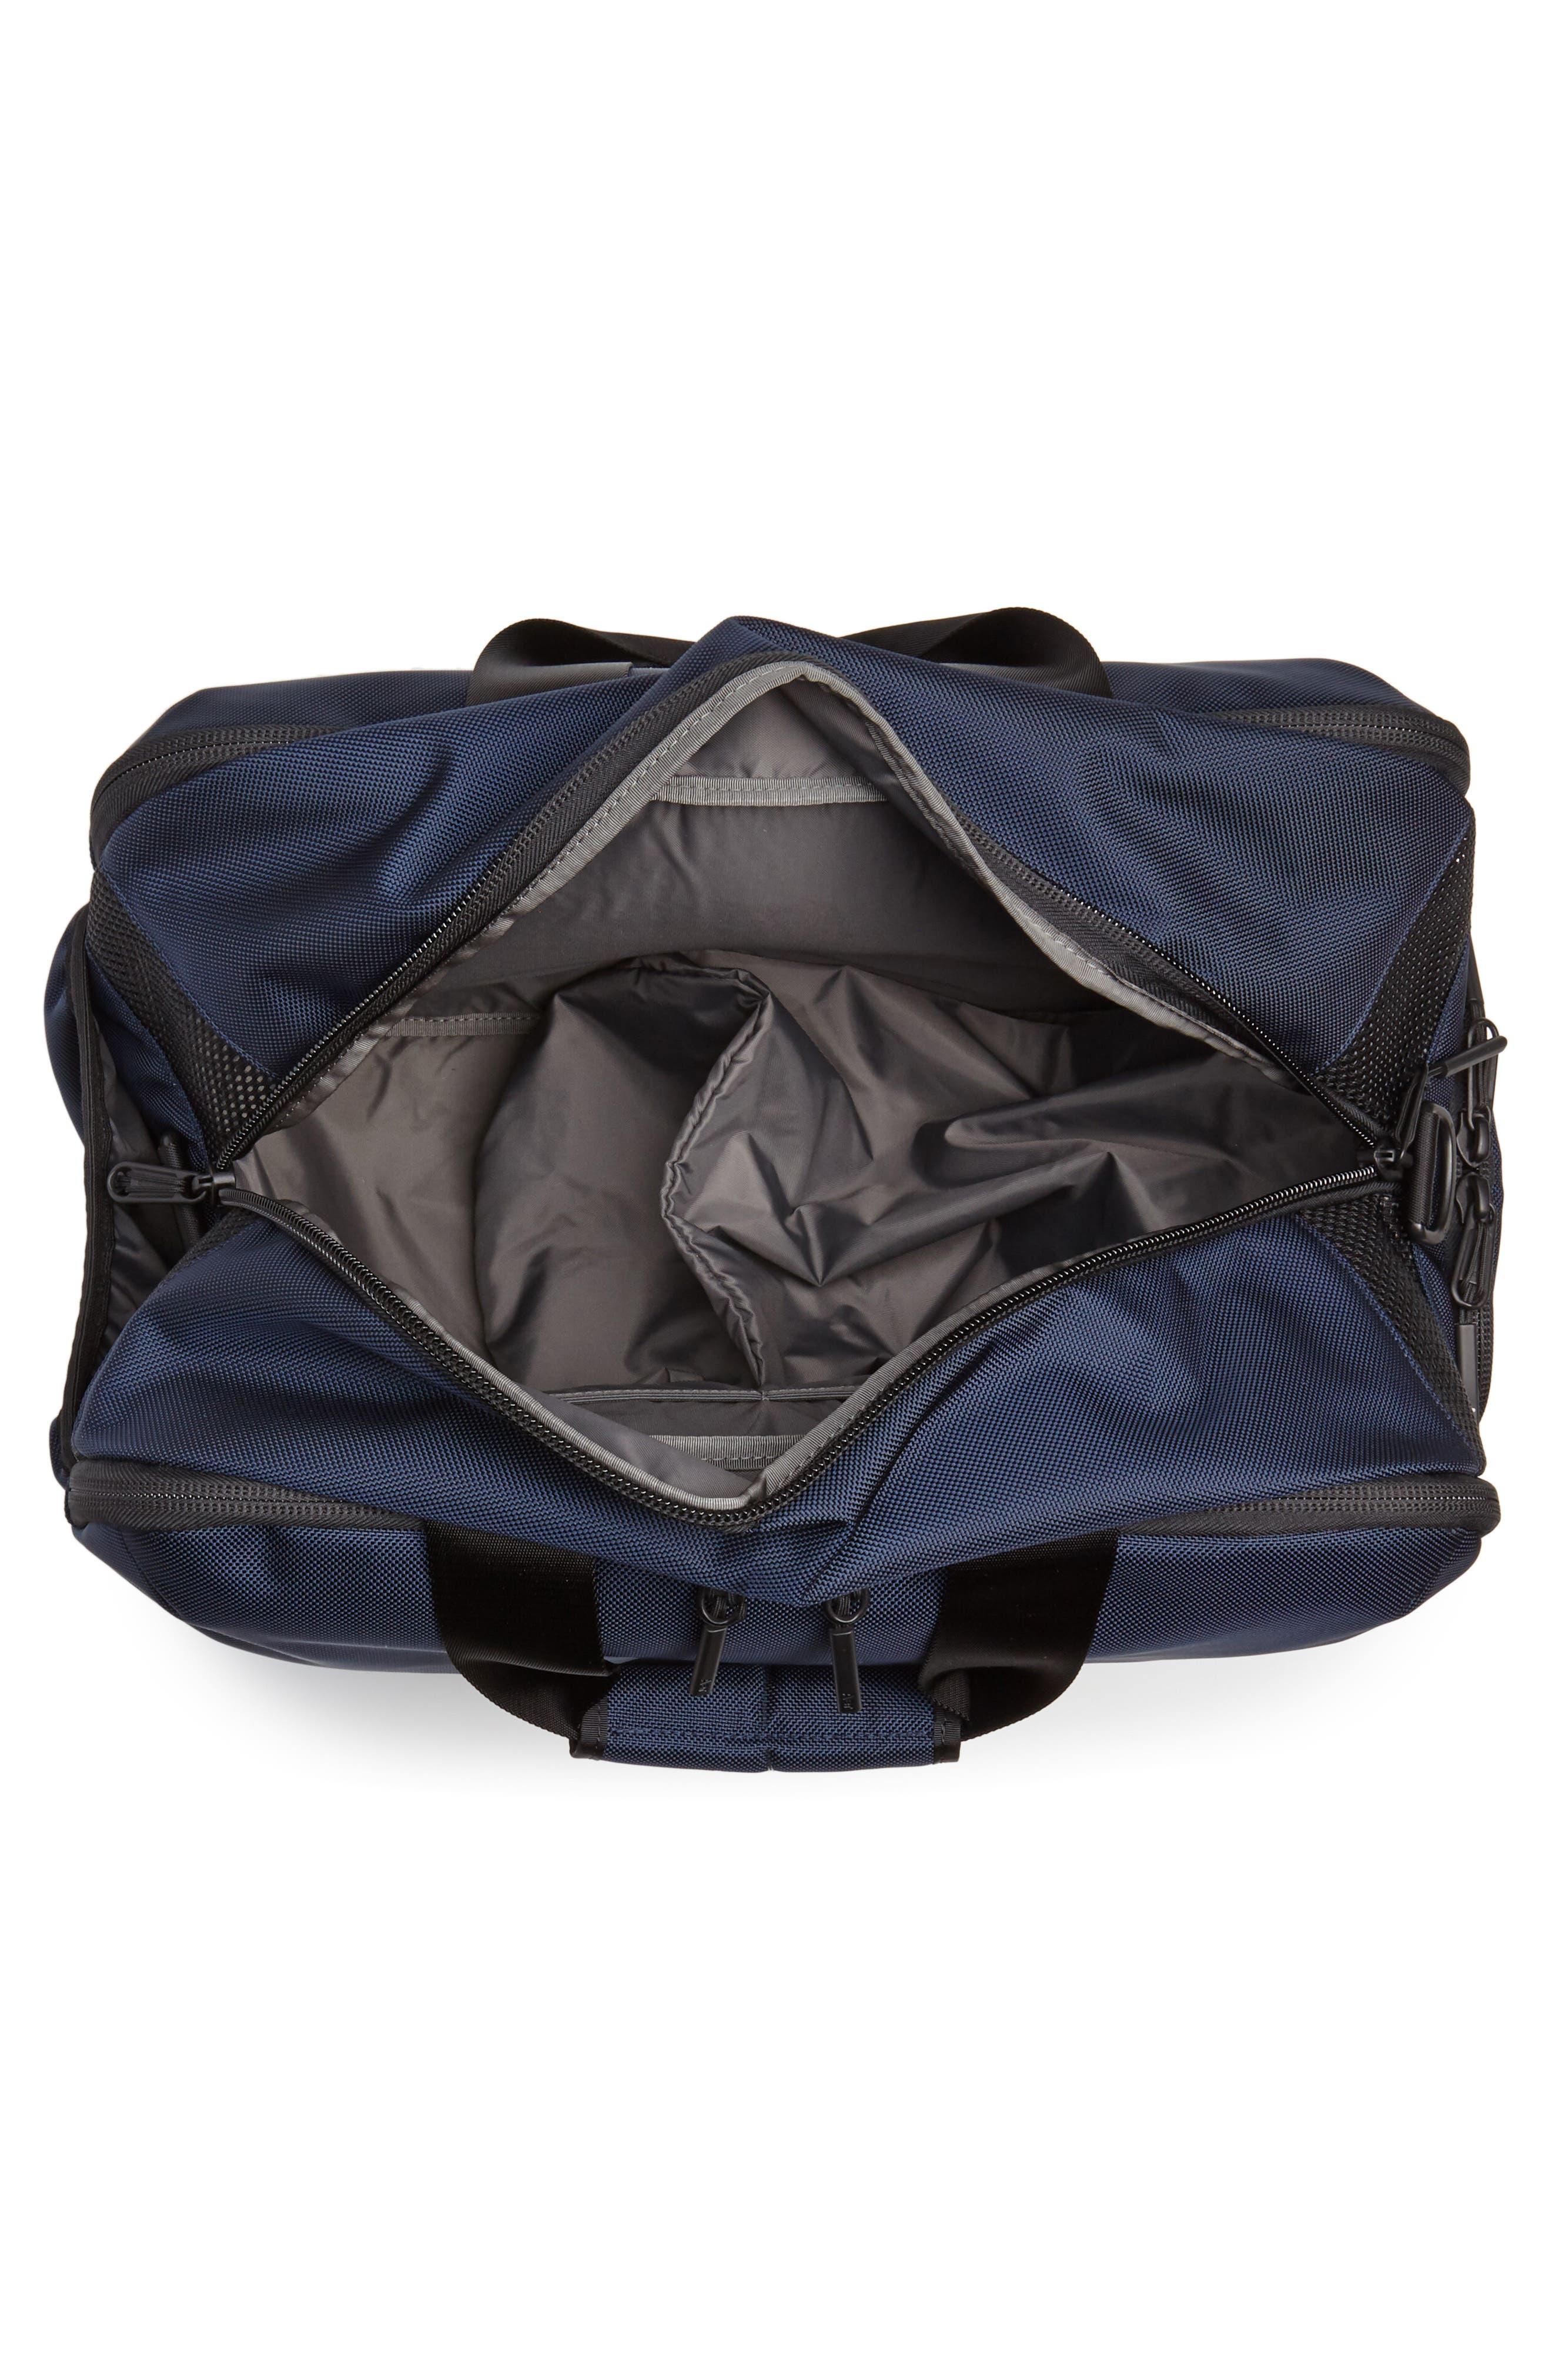 Gym Duffel 2 Duffel Bag,                             Alternate thumbnail 4, color,                             410